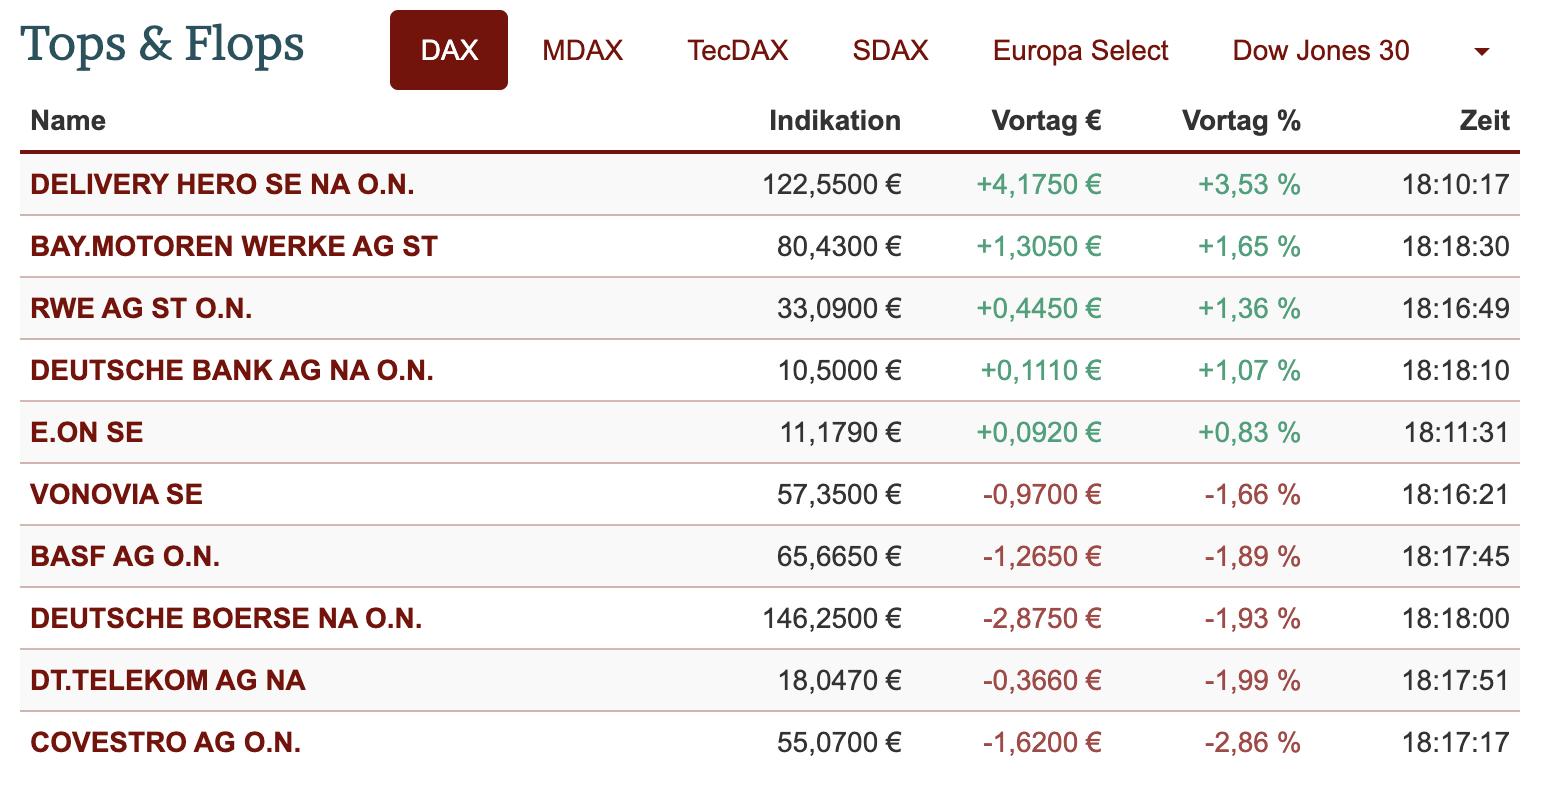 DAX-Tops und Flops am 31.08.2021